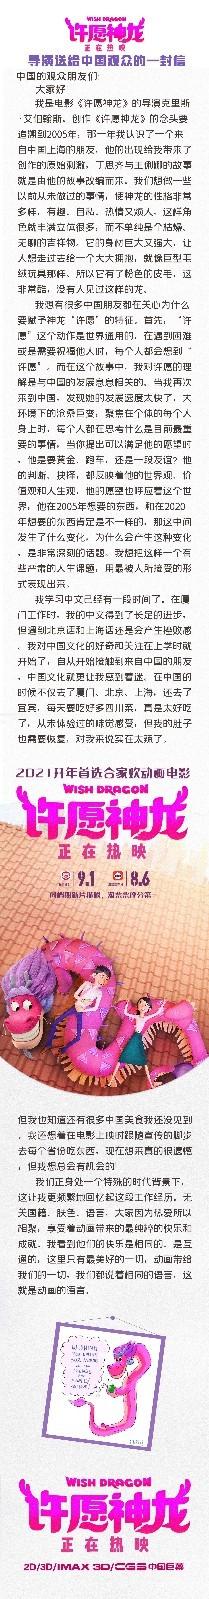 《许愿神龙》将成2021上映首部破亿电影 导演自称中国文化迷弟